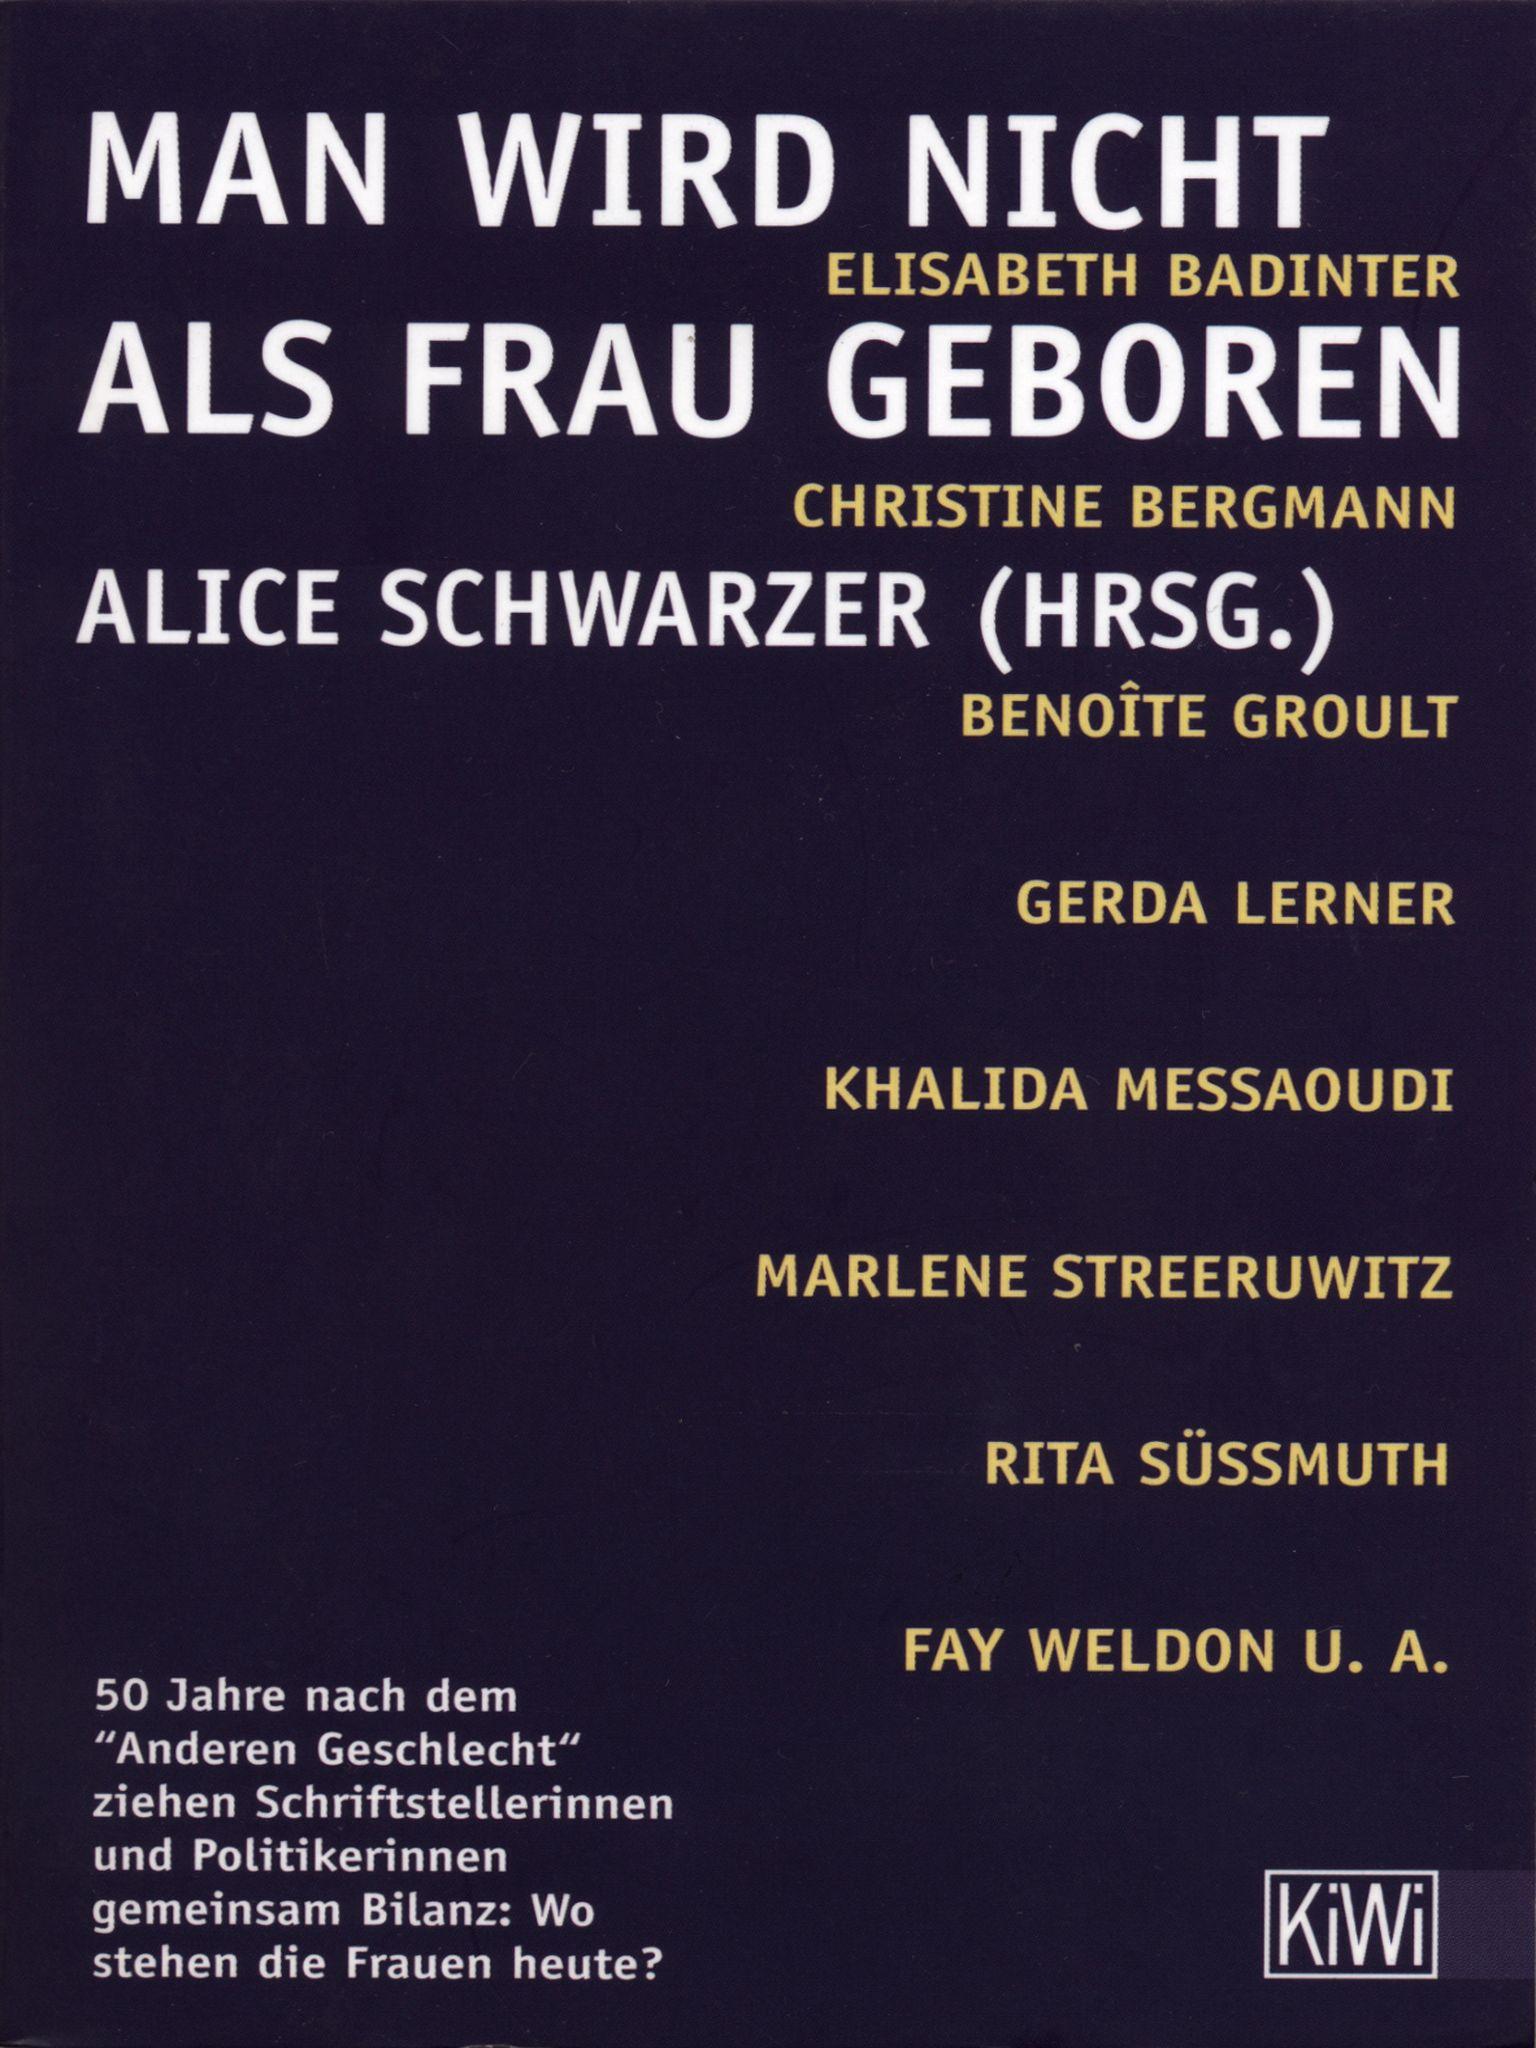 Schwarzer, Alice (Hrsg.): Man wird nicht als Frau geboren. Köln: Kiepenheuer & Witsch, 2000.